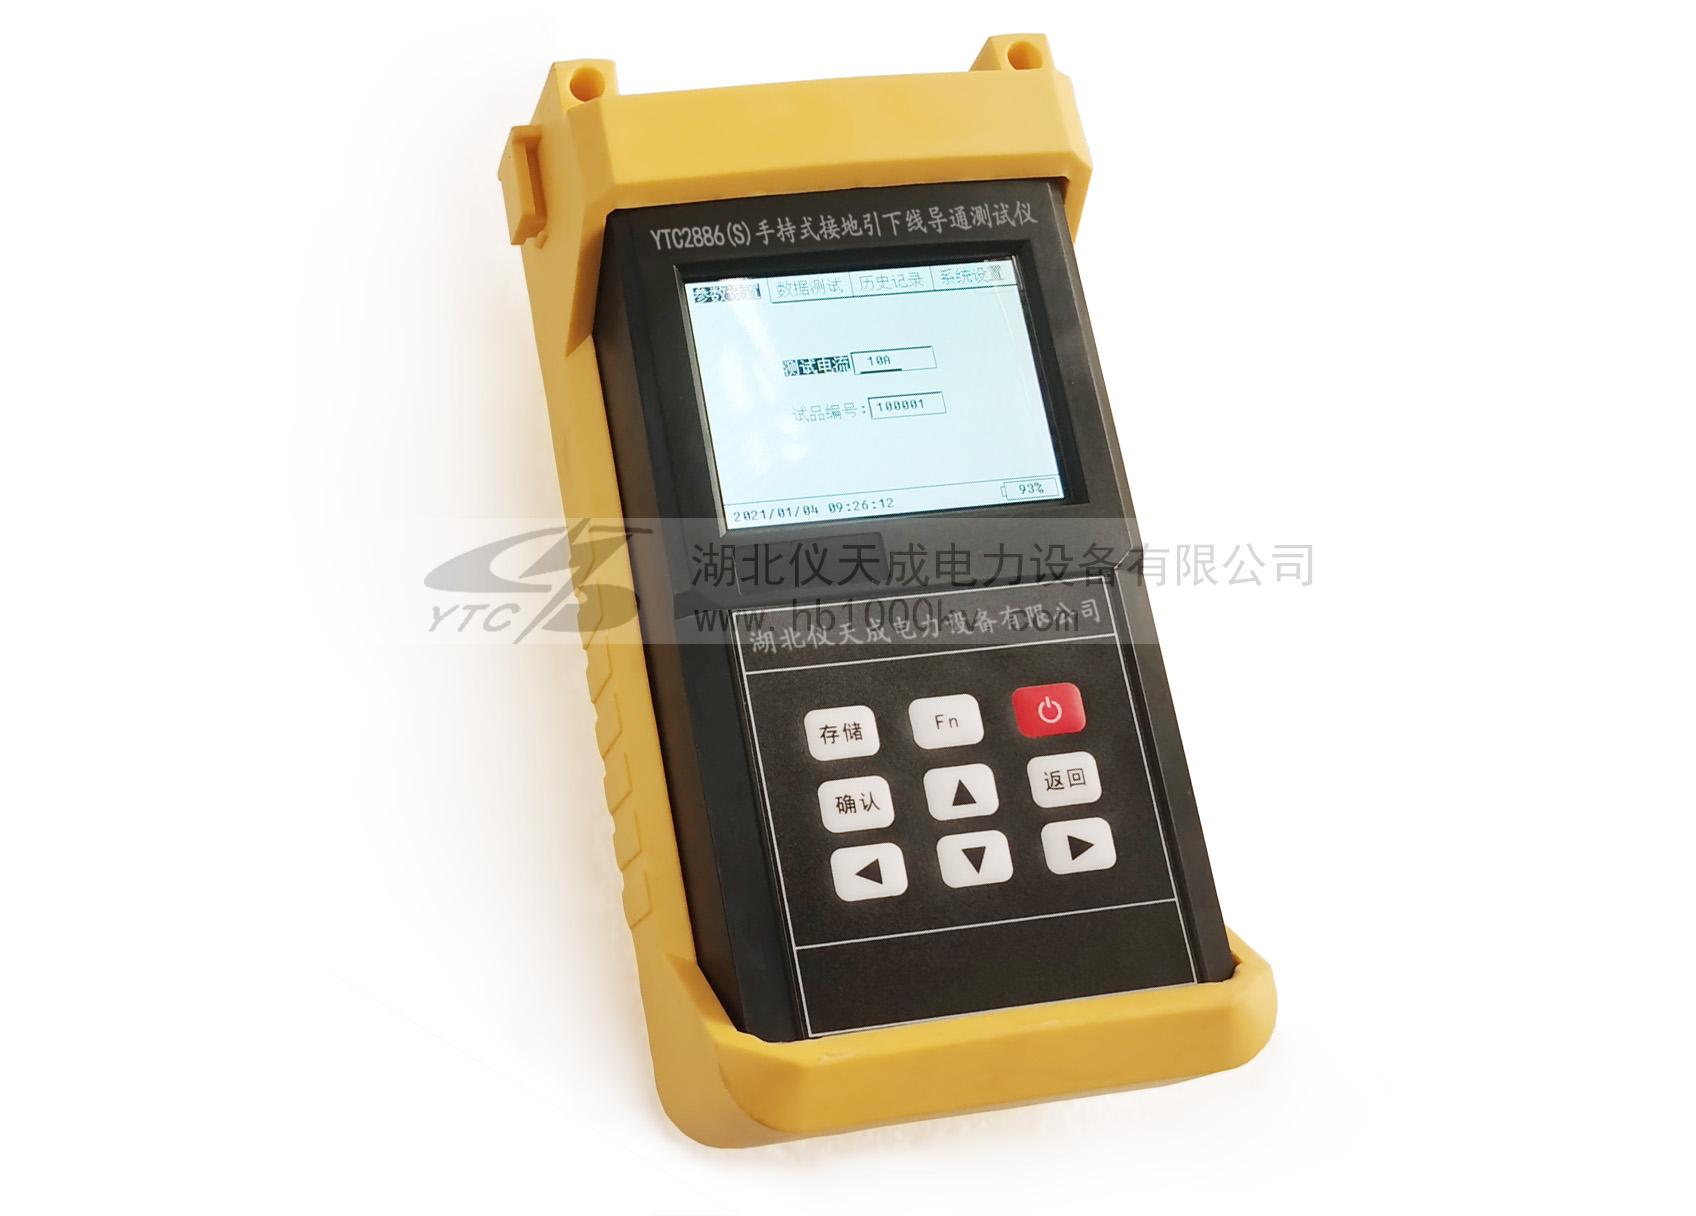 YTC2886(S)手持式接地引下线导通测试仪主机